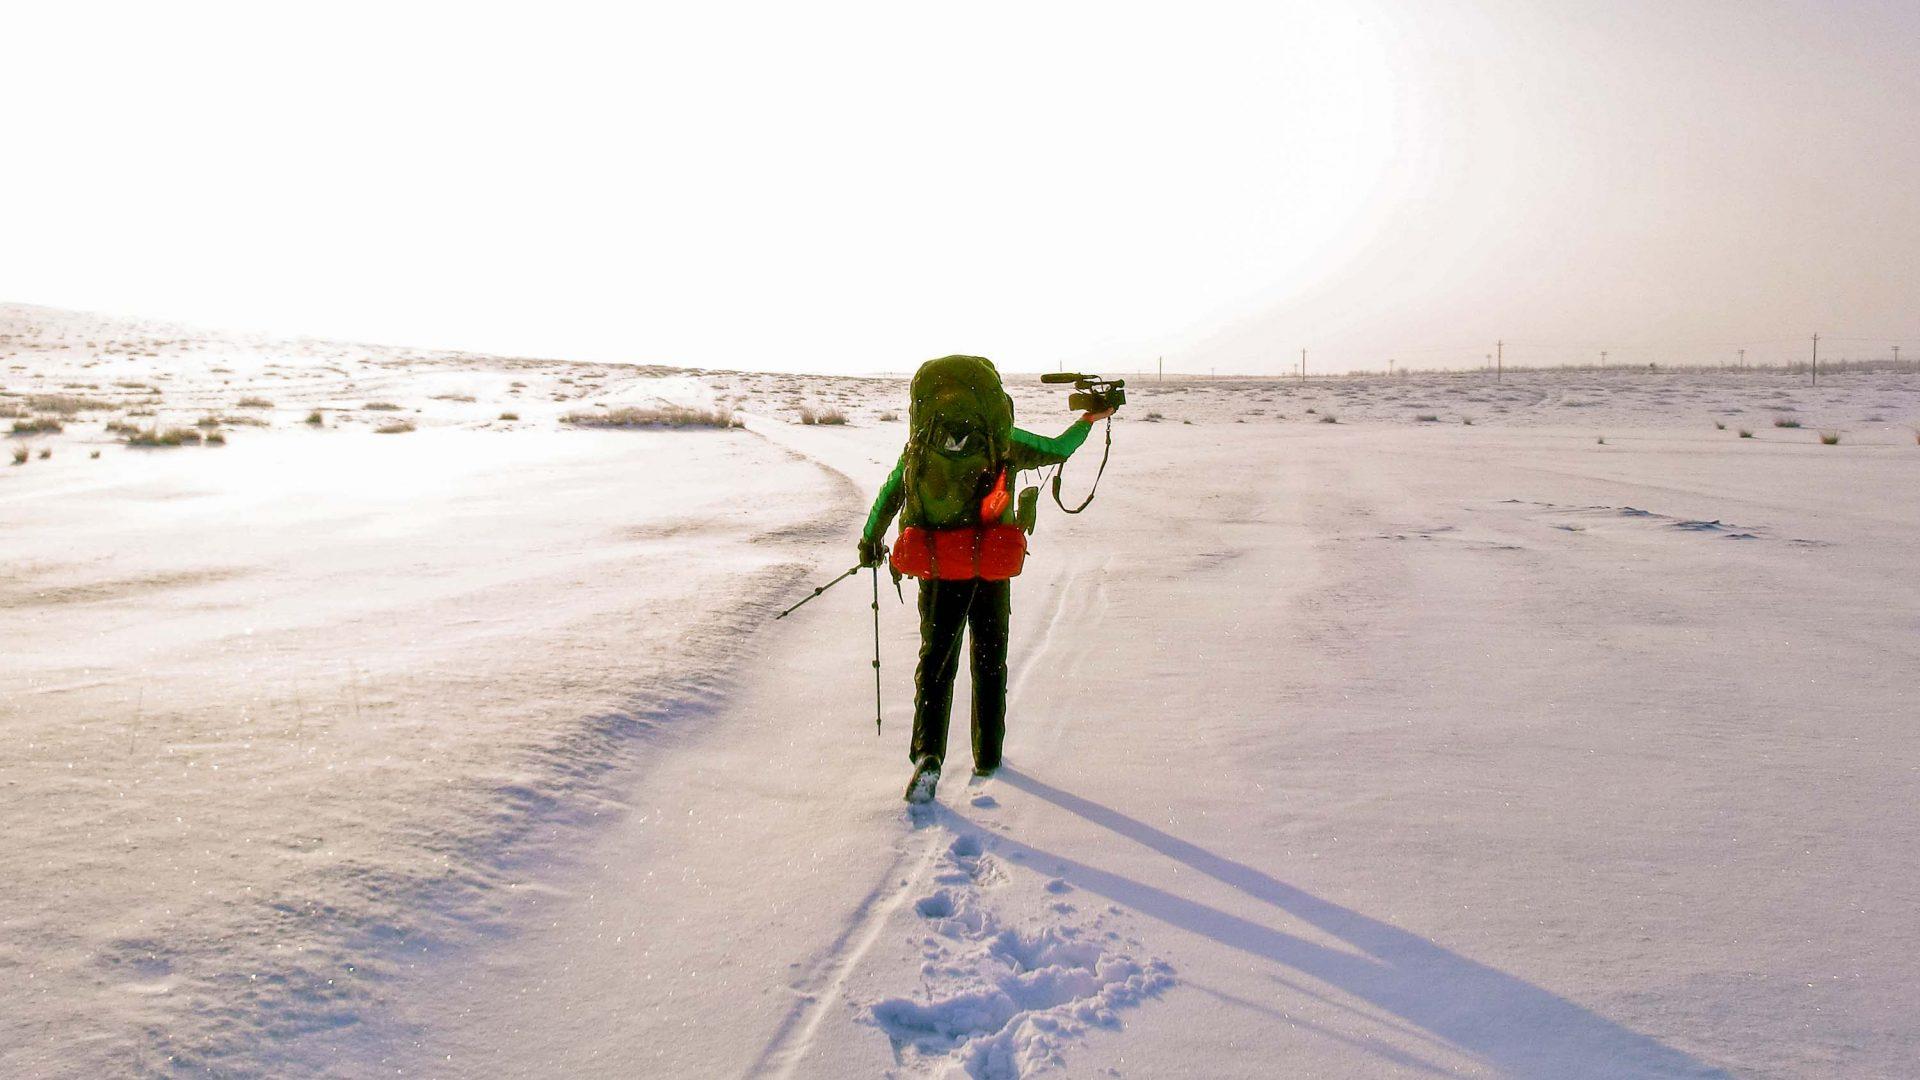 Self-filming in the Gobi desert, inner Mongolia, China,